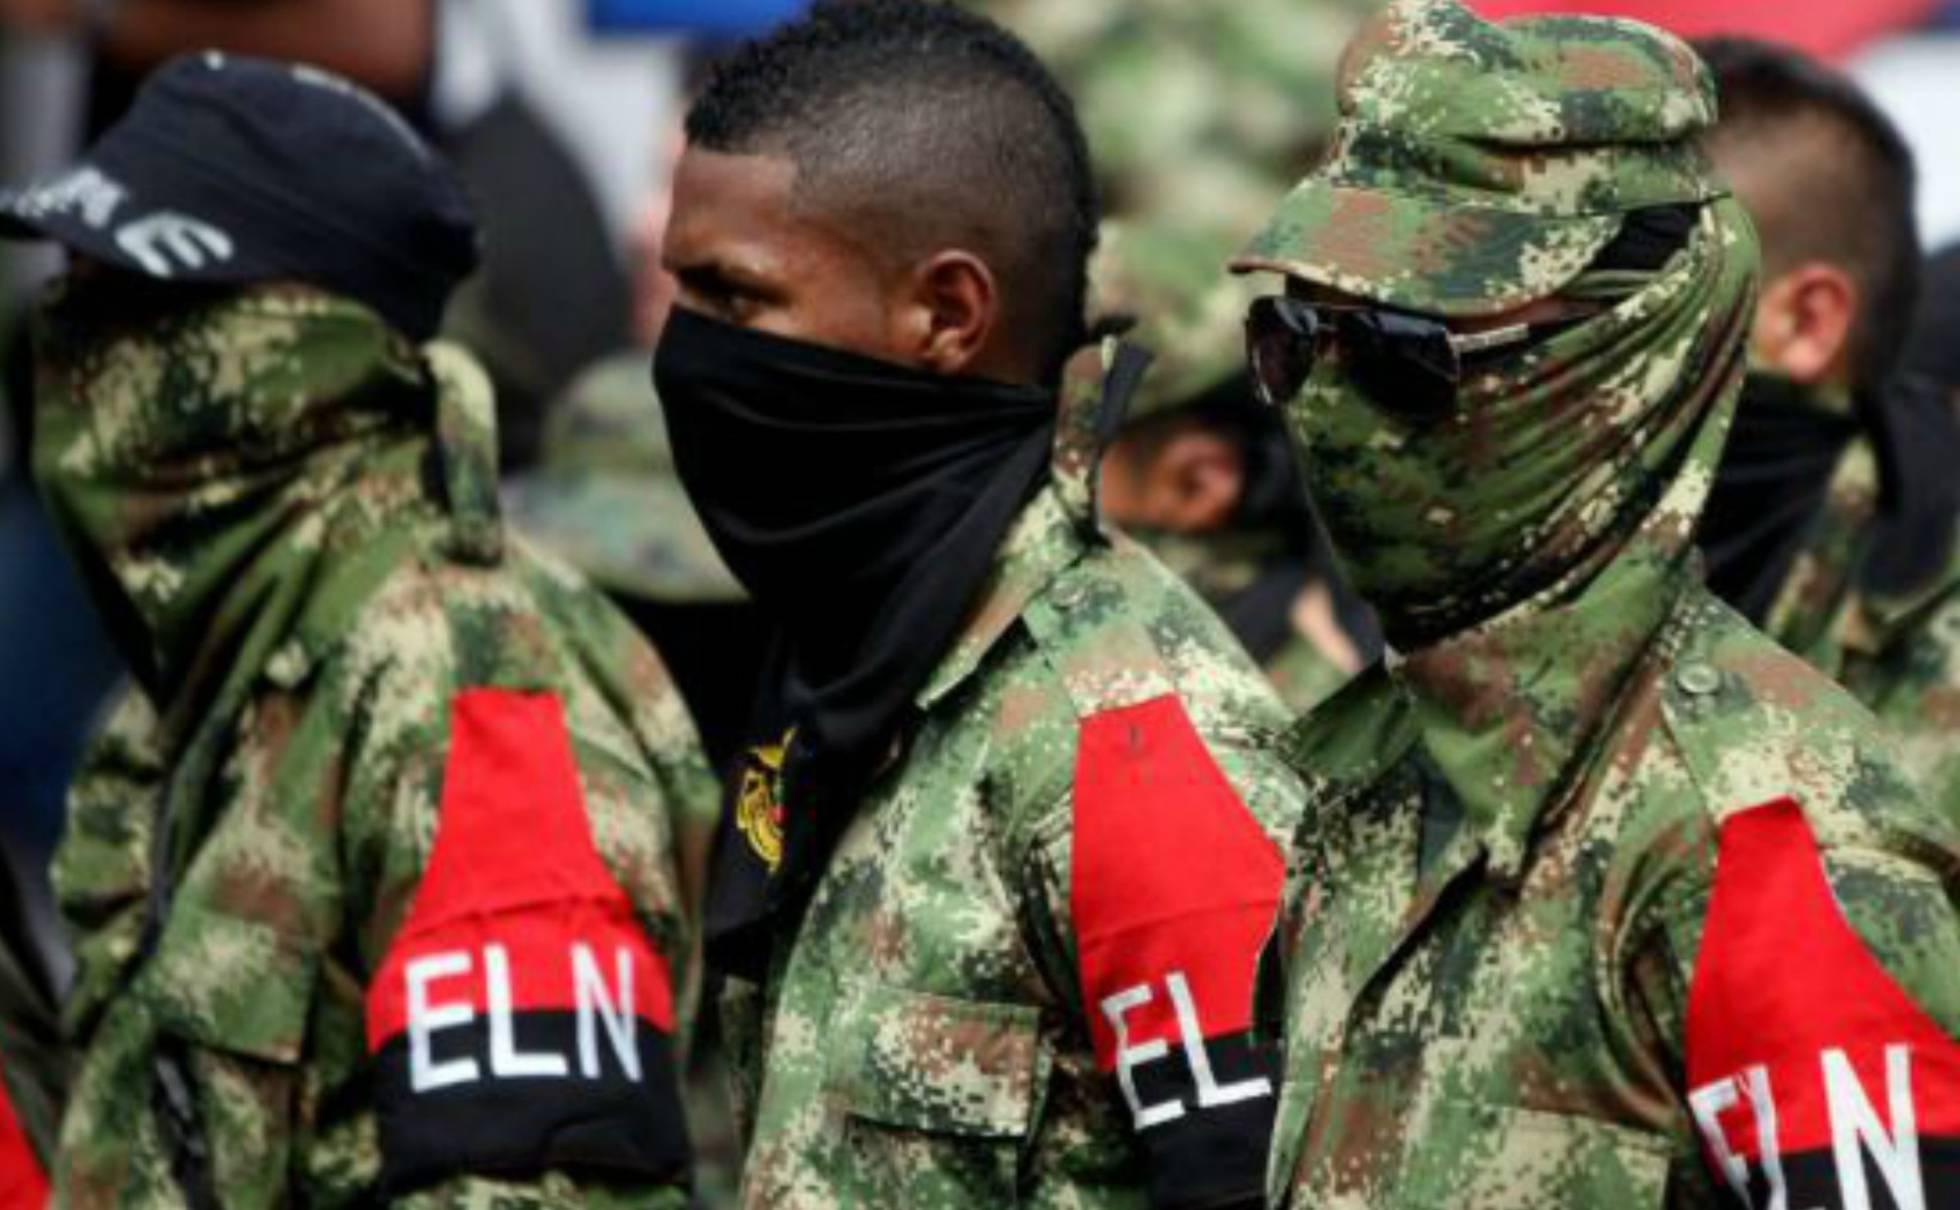 Colombia: represiones, terror, violaciones y esclavismo $. Propiedad agraria, Estado, FARC, ELN. Luchas de clases - Página 6 1484756154_423002_1484758213_noticia_normal_recorte1